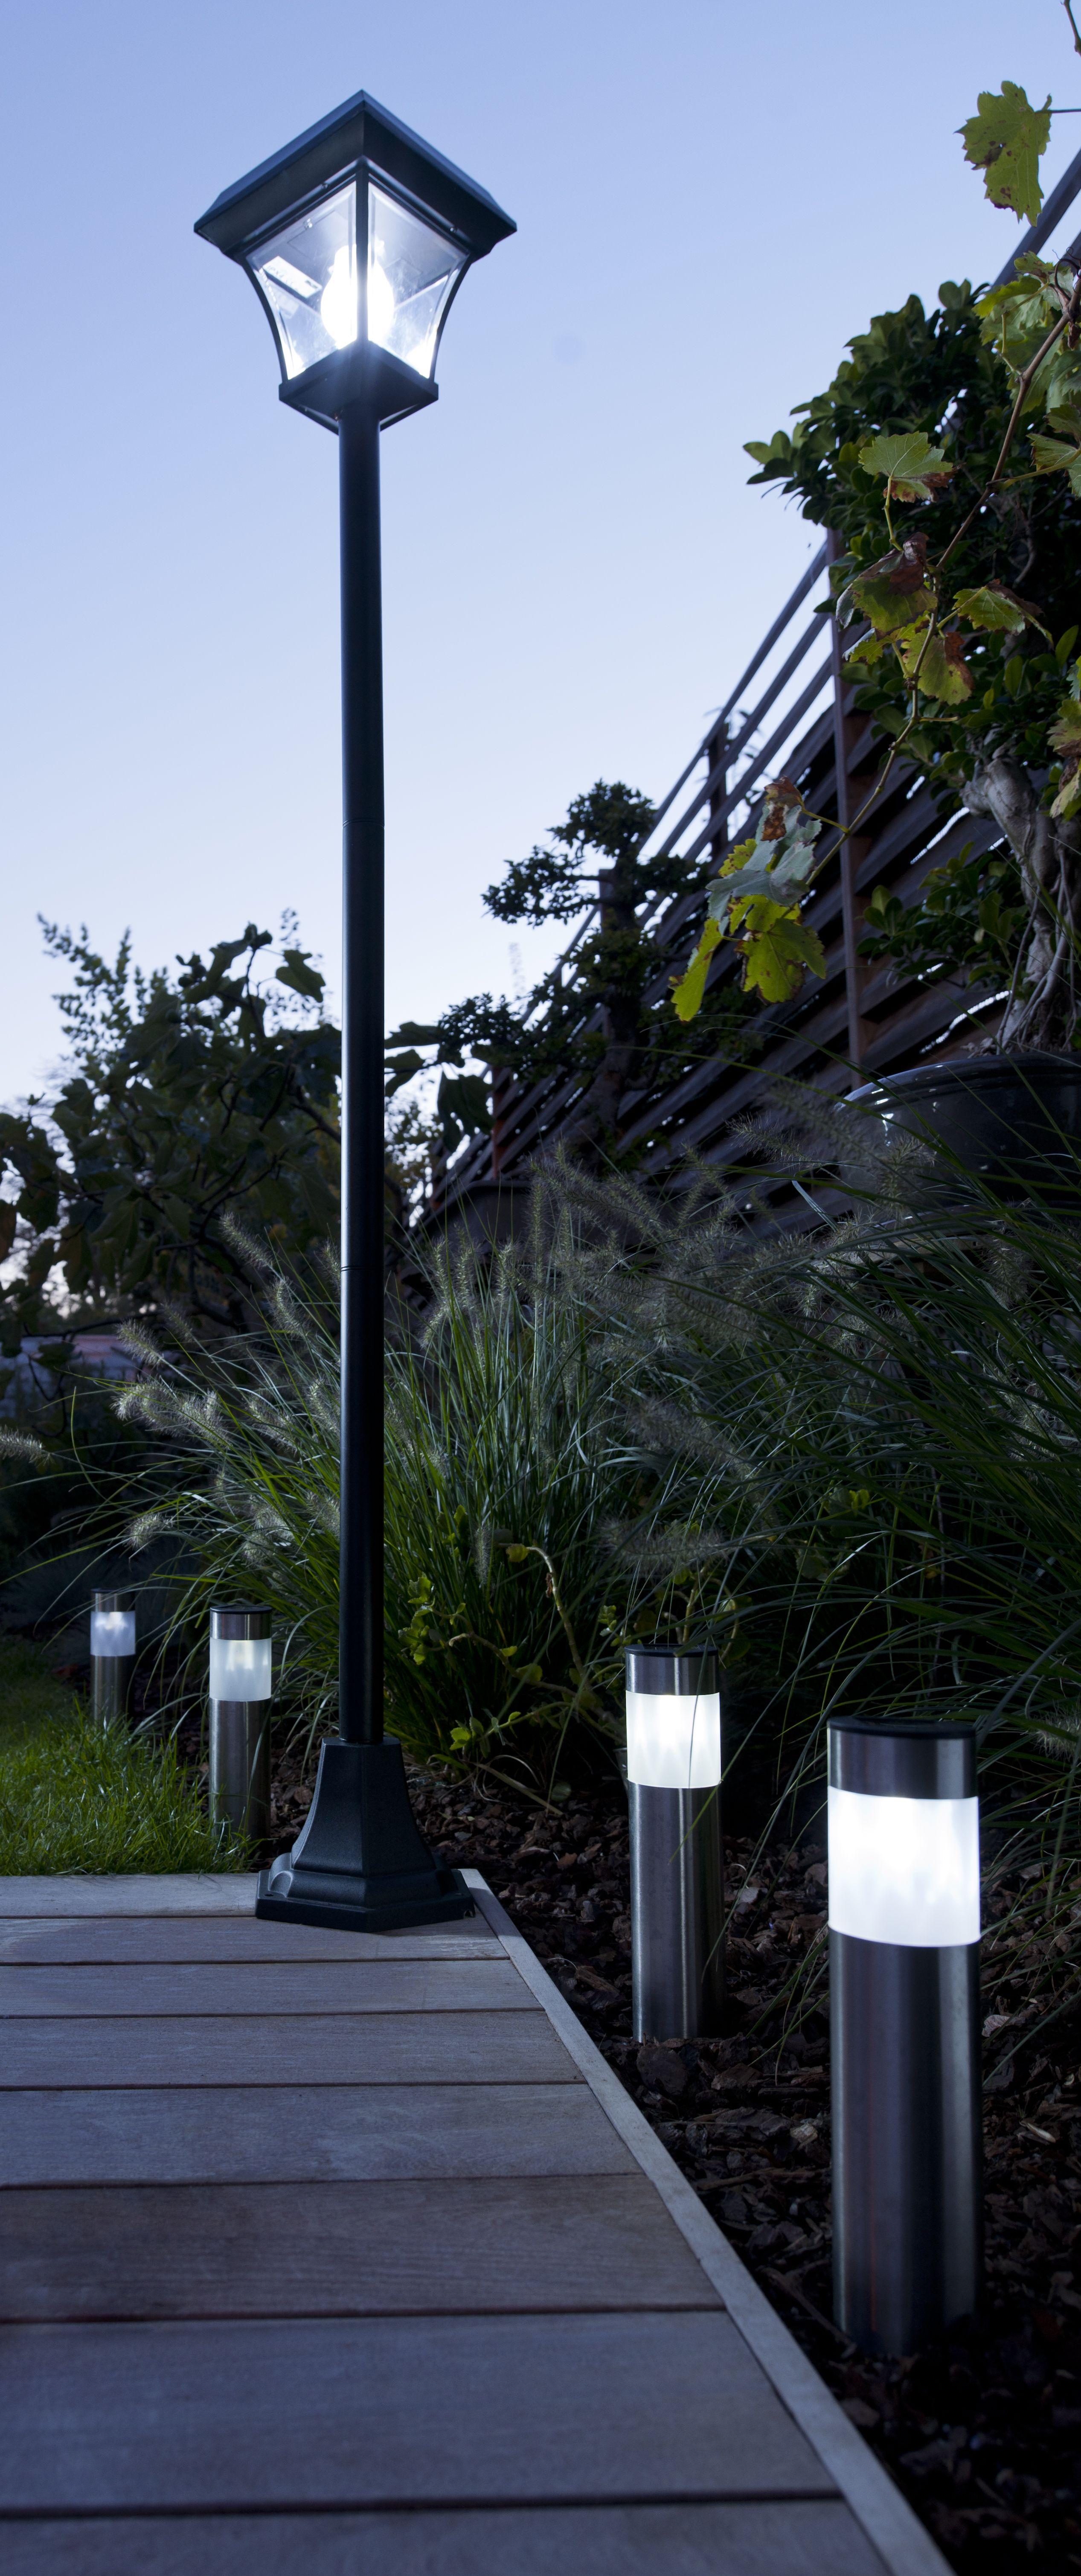 Lampadaire Exterieur Solaire Tosca Noir H 190 Cm Castorama Lampadaire Solaire Lampadaire Jardin Luminaires Jardin